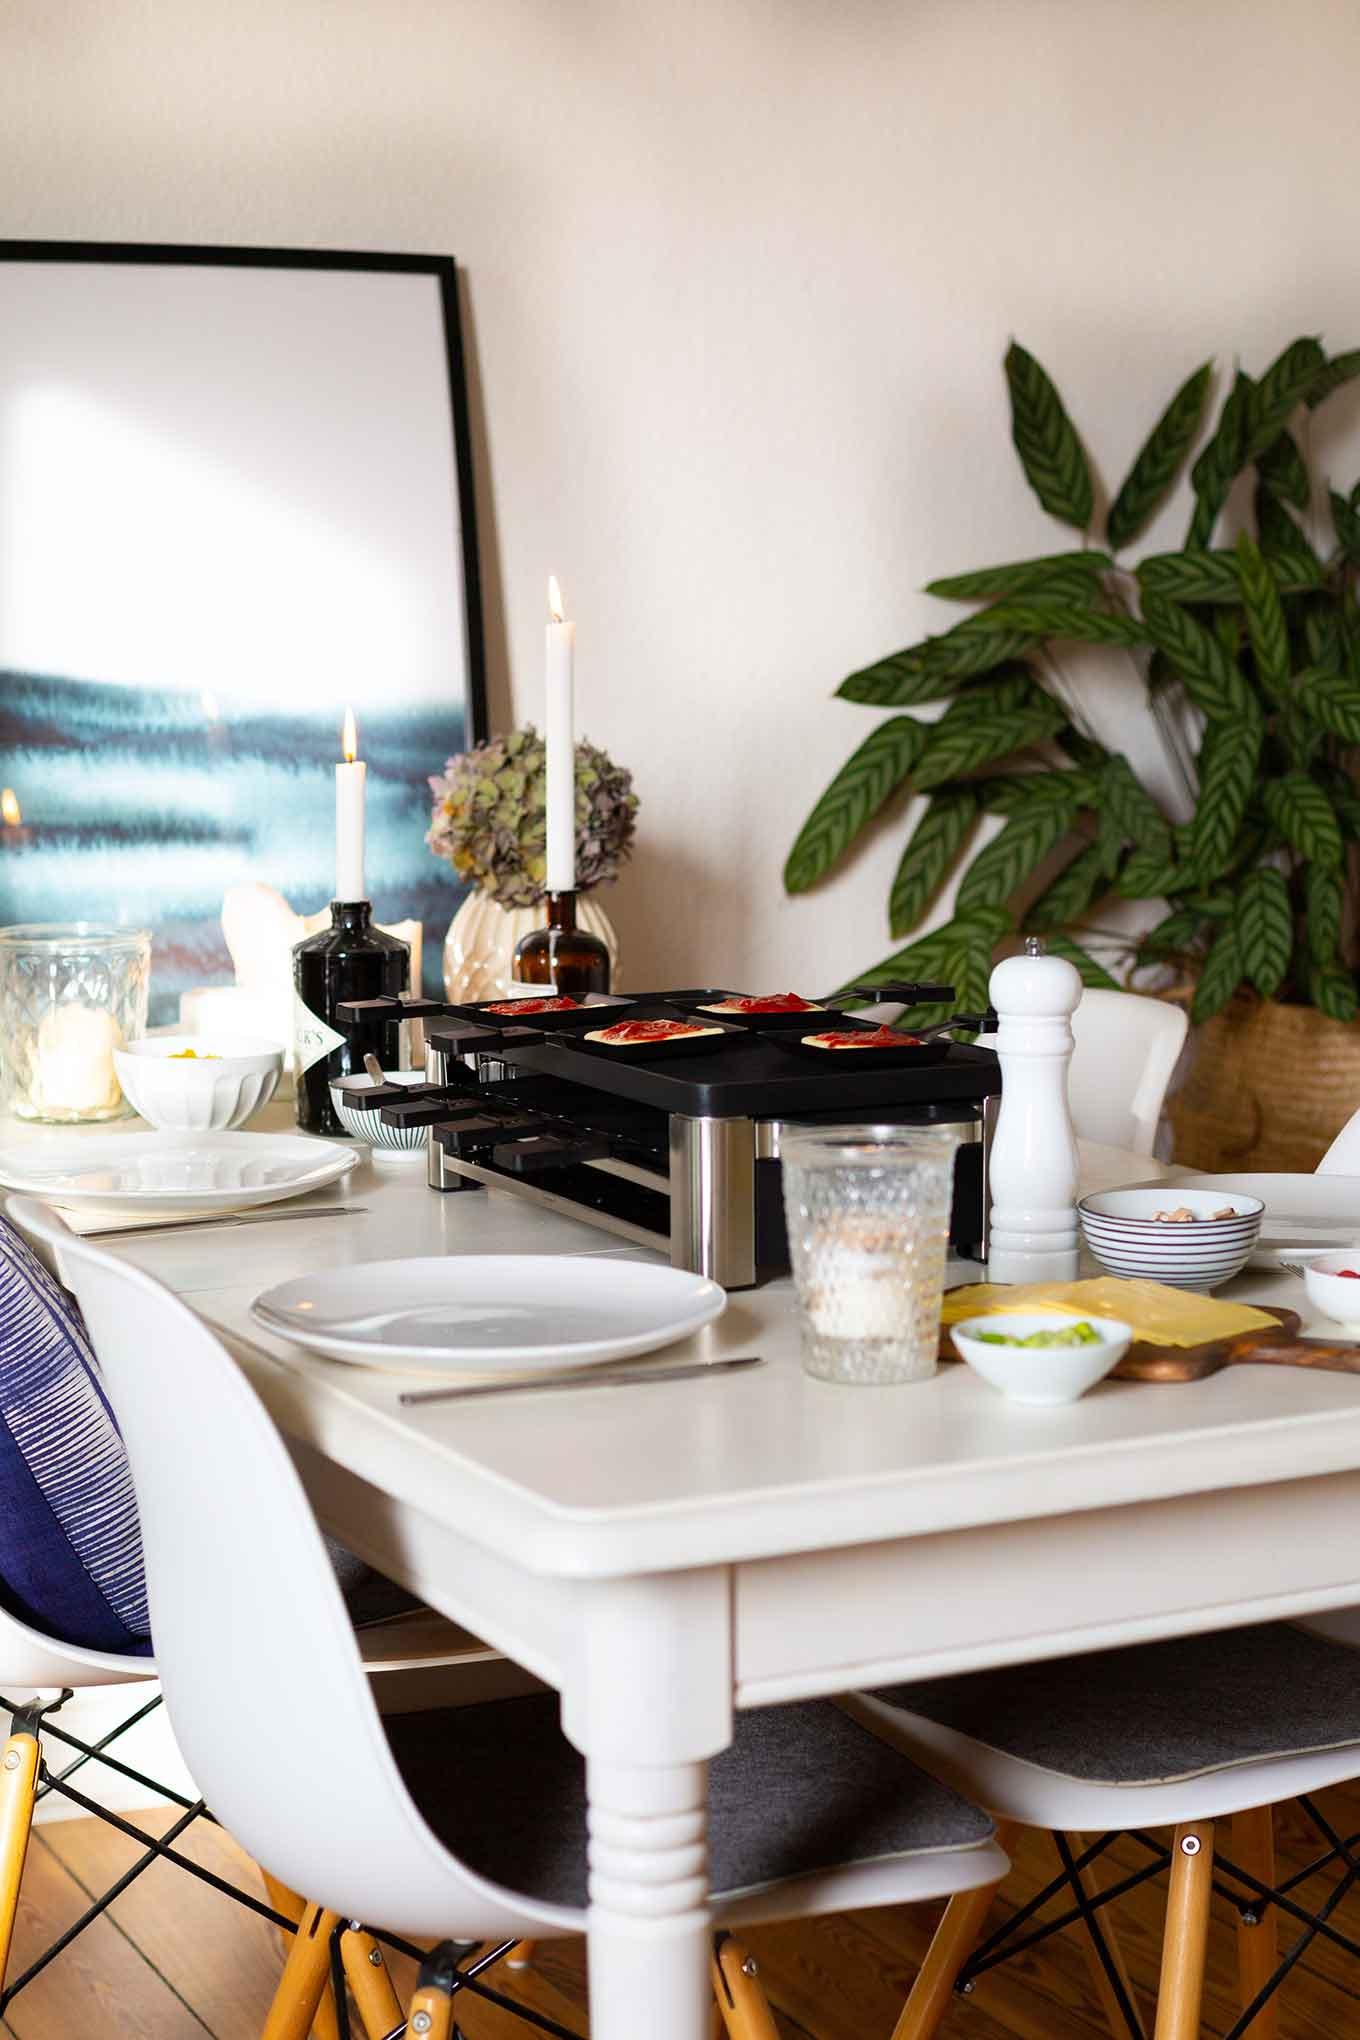 Werbung. Raclette-Pizza. Dieses schnelle und einfache Party-Rezept ist perfekt für Weihnachten, Silvester und einfach so! - Kochkarussell.com #raclettepizza #raclette #kochkarussell